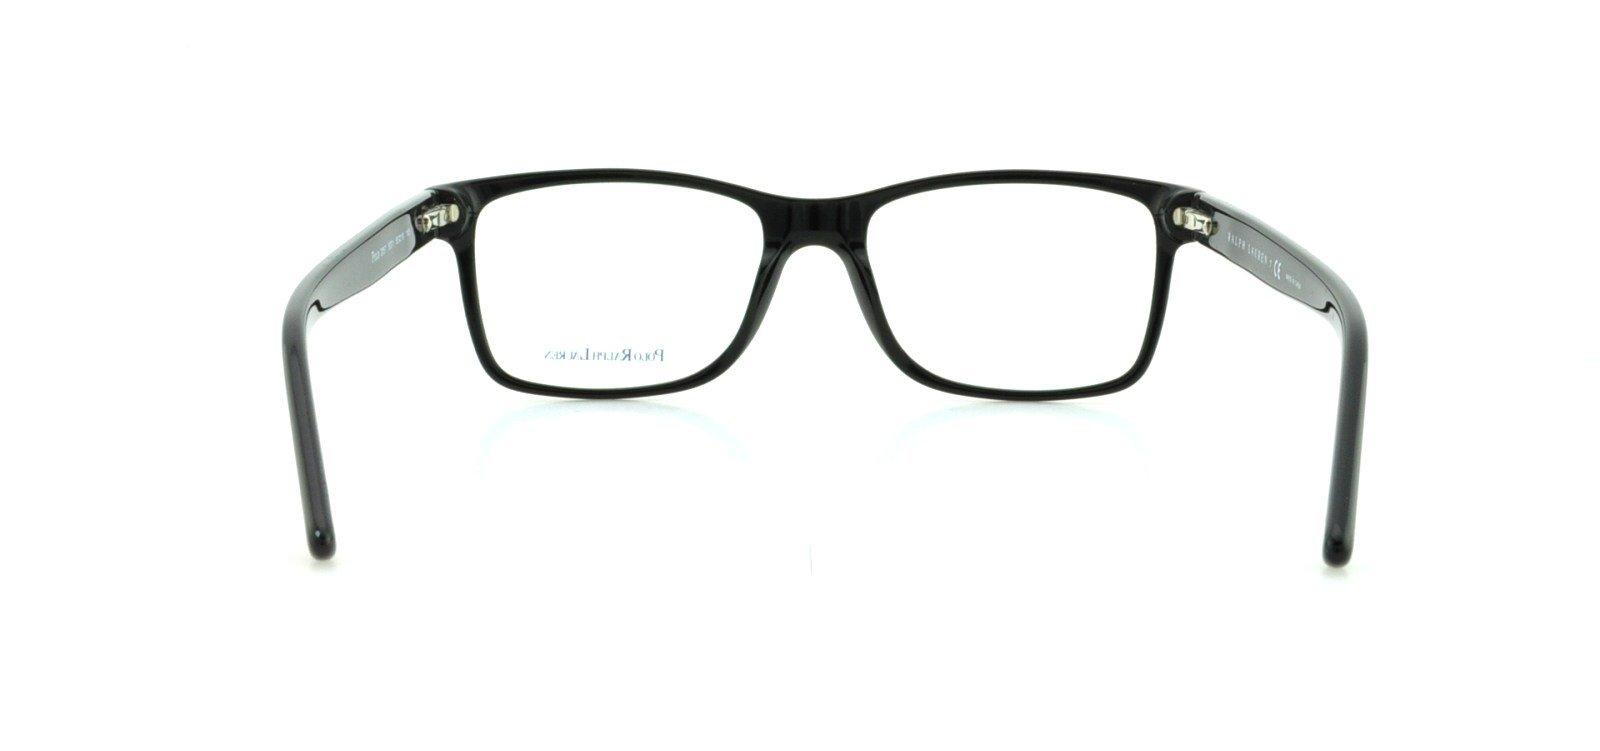 Polo PH2057 Eyeglasses-5001 Shiny Black-55mm